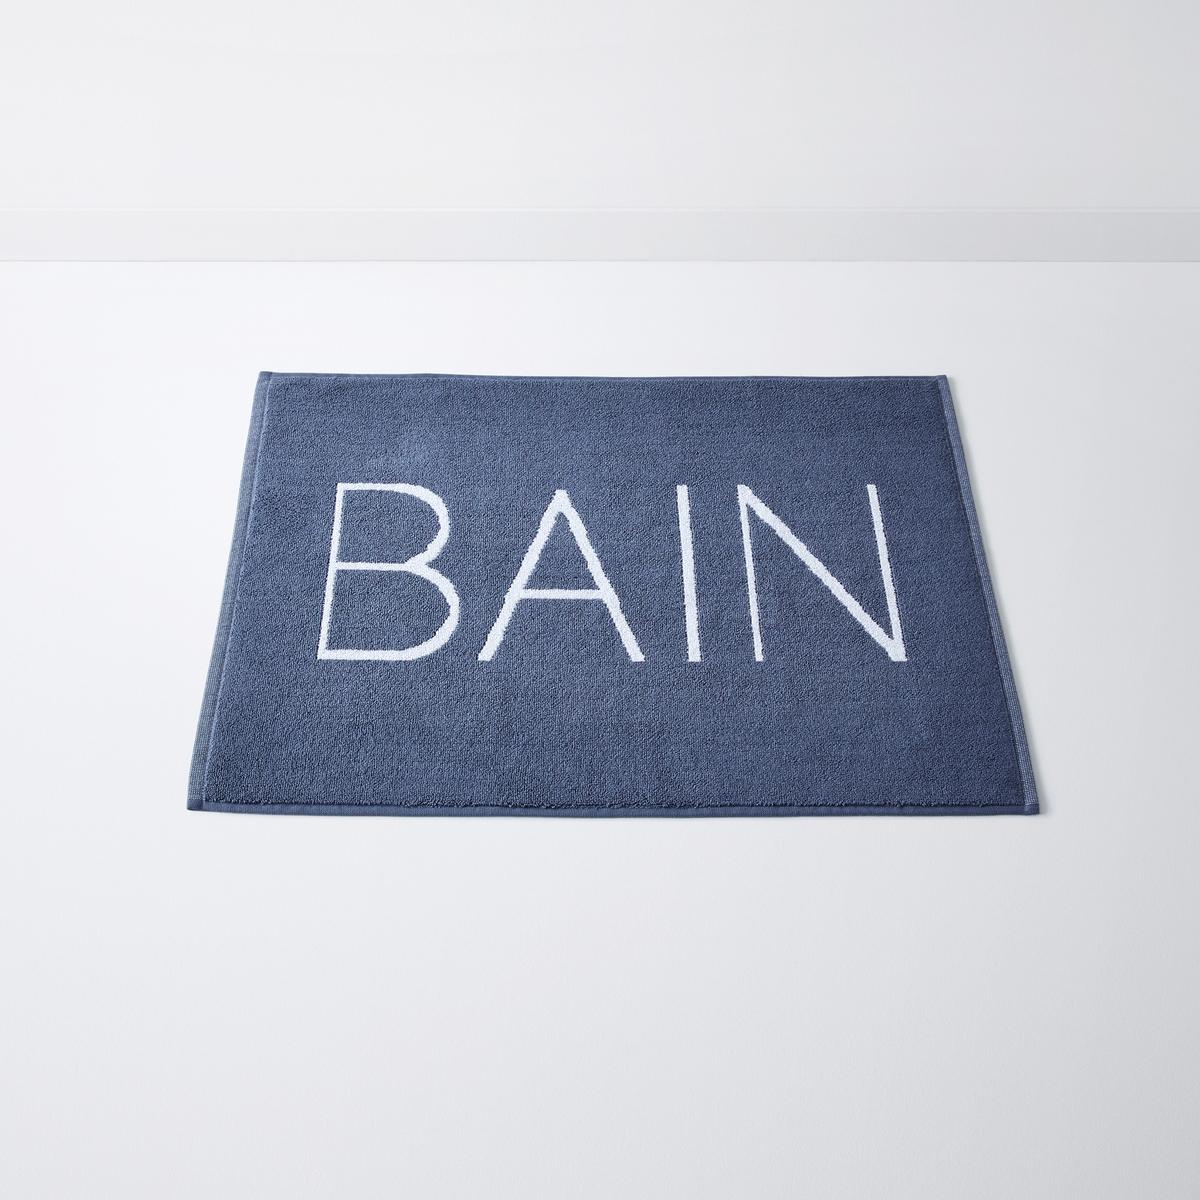 Коврик для ванной с надписью BAIN, Vasca всё для ванной